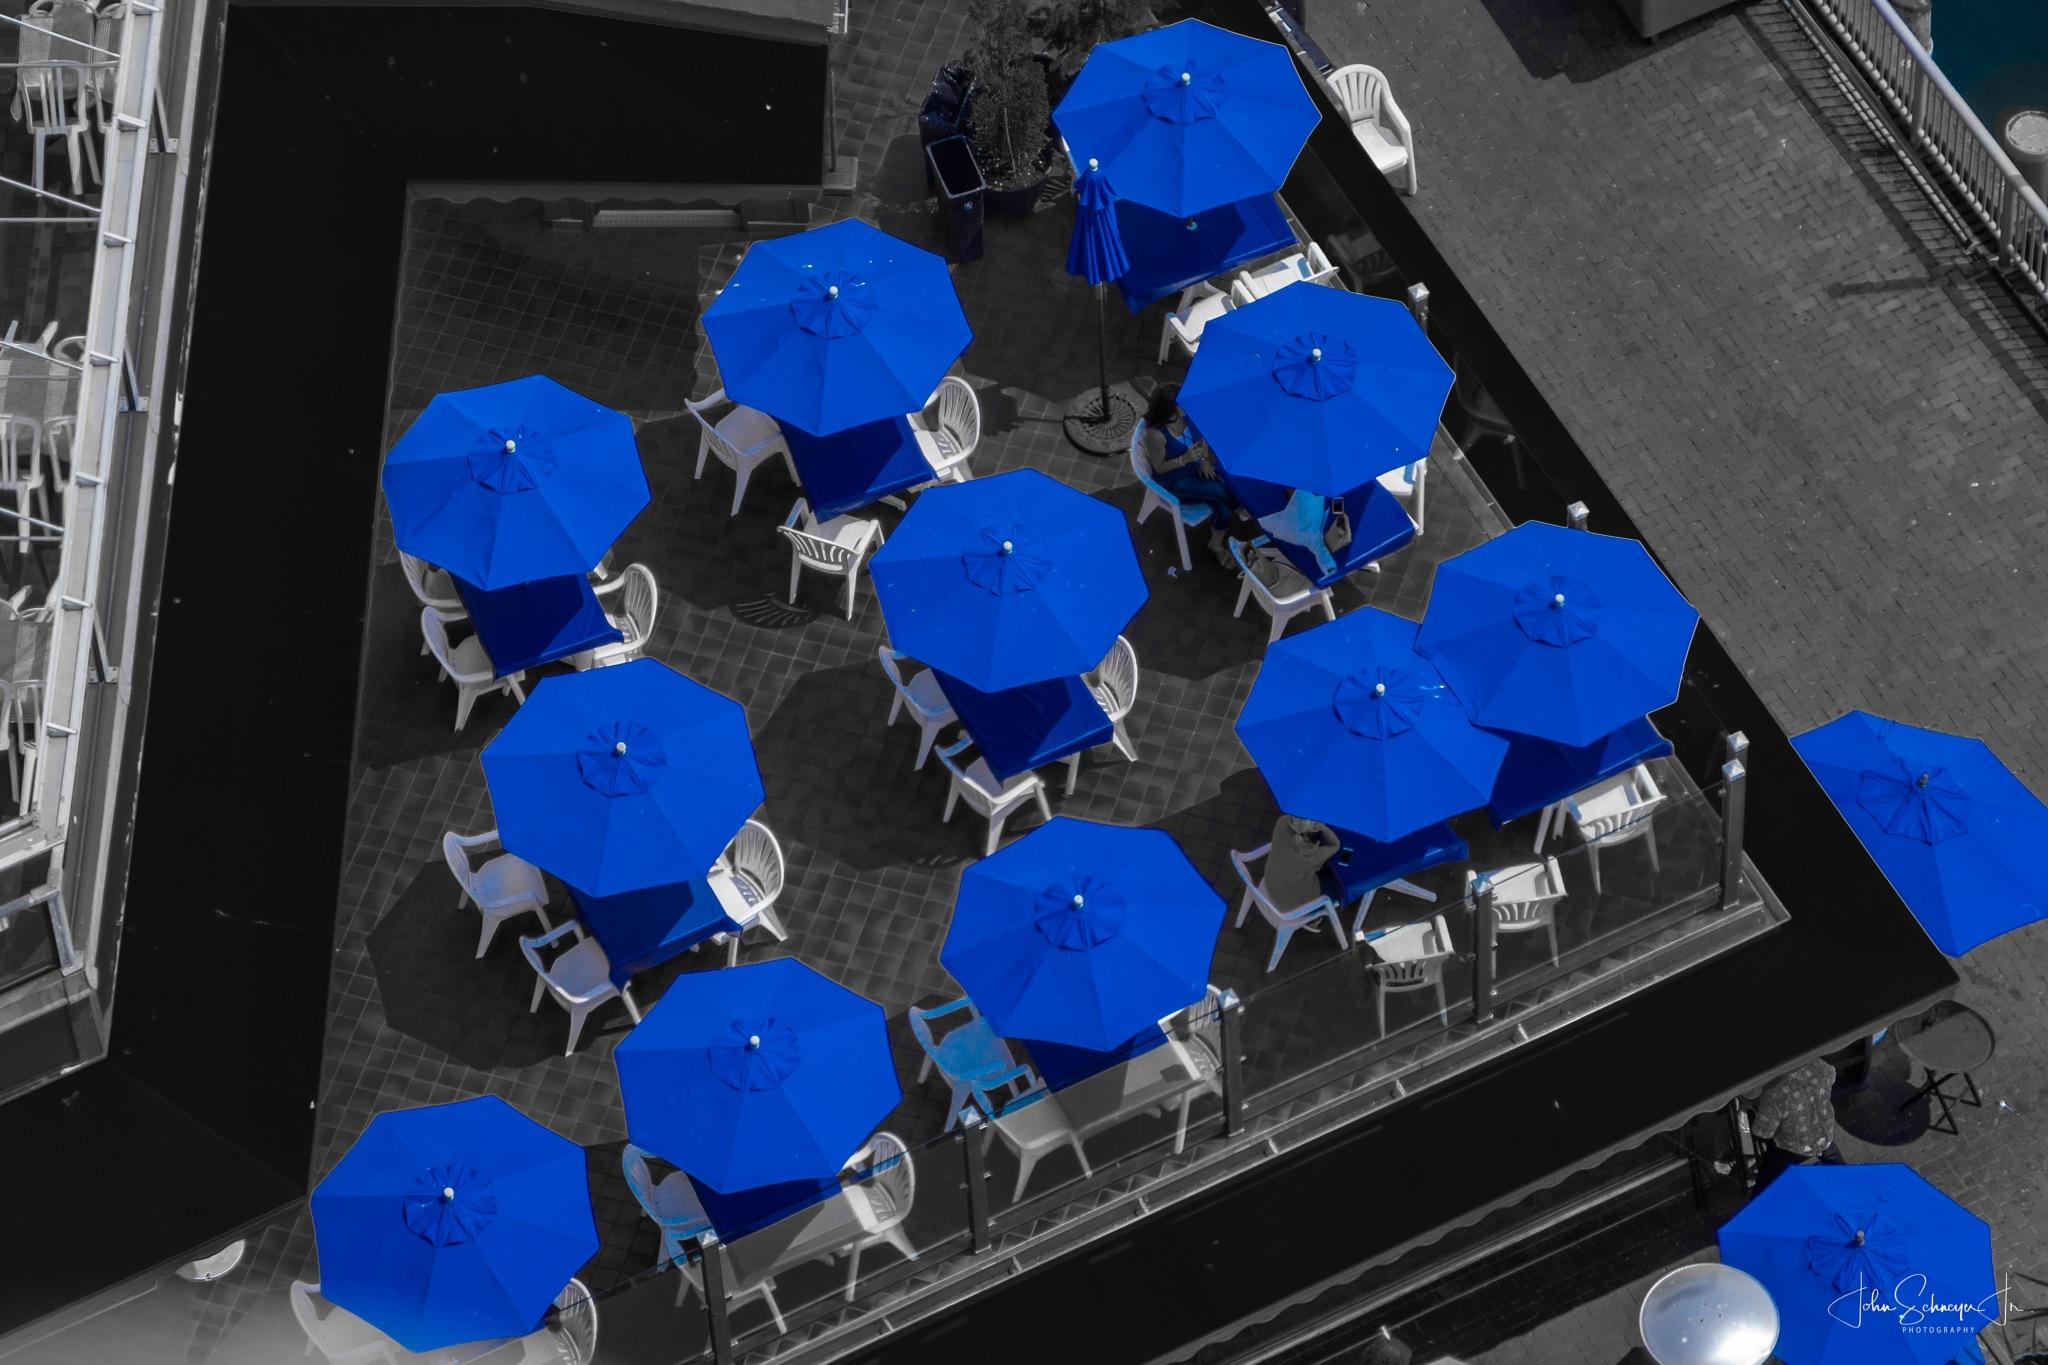 Blue Umbrellas by John Schneyer